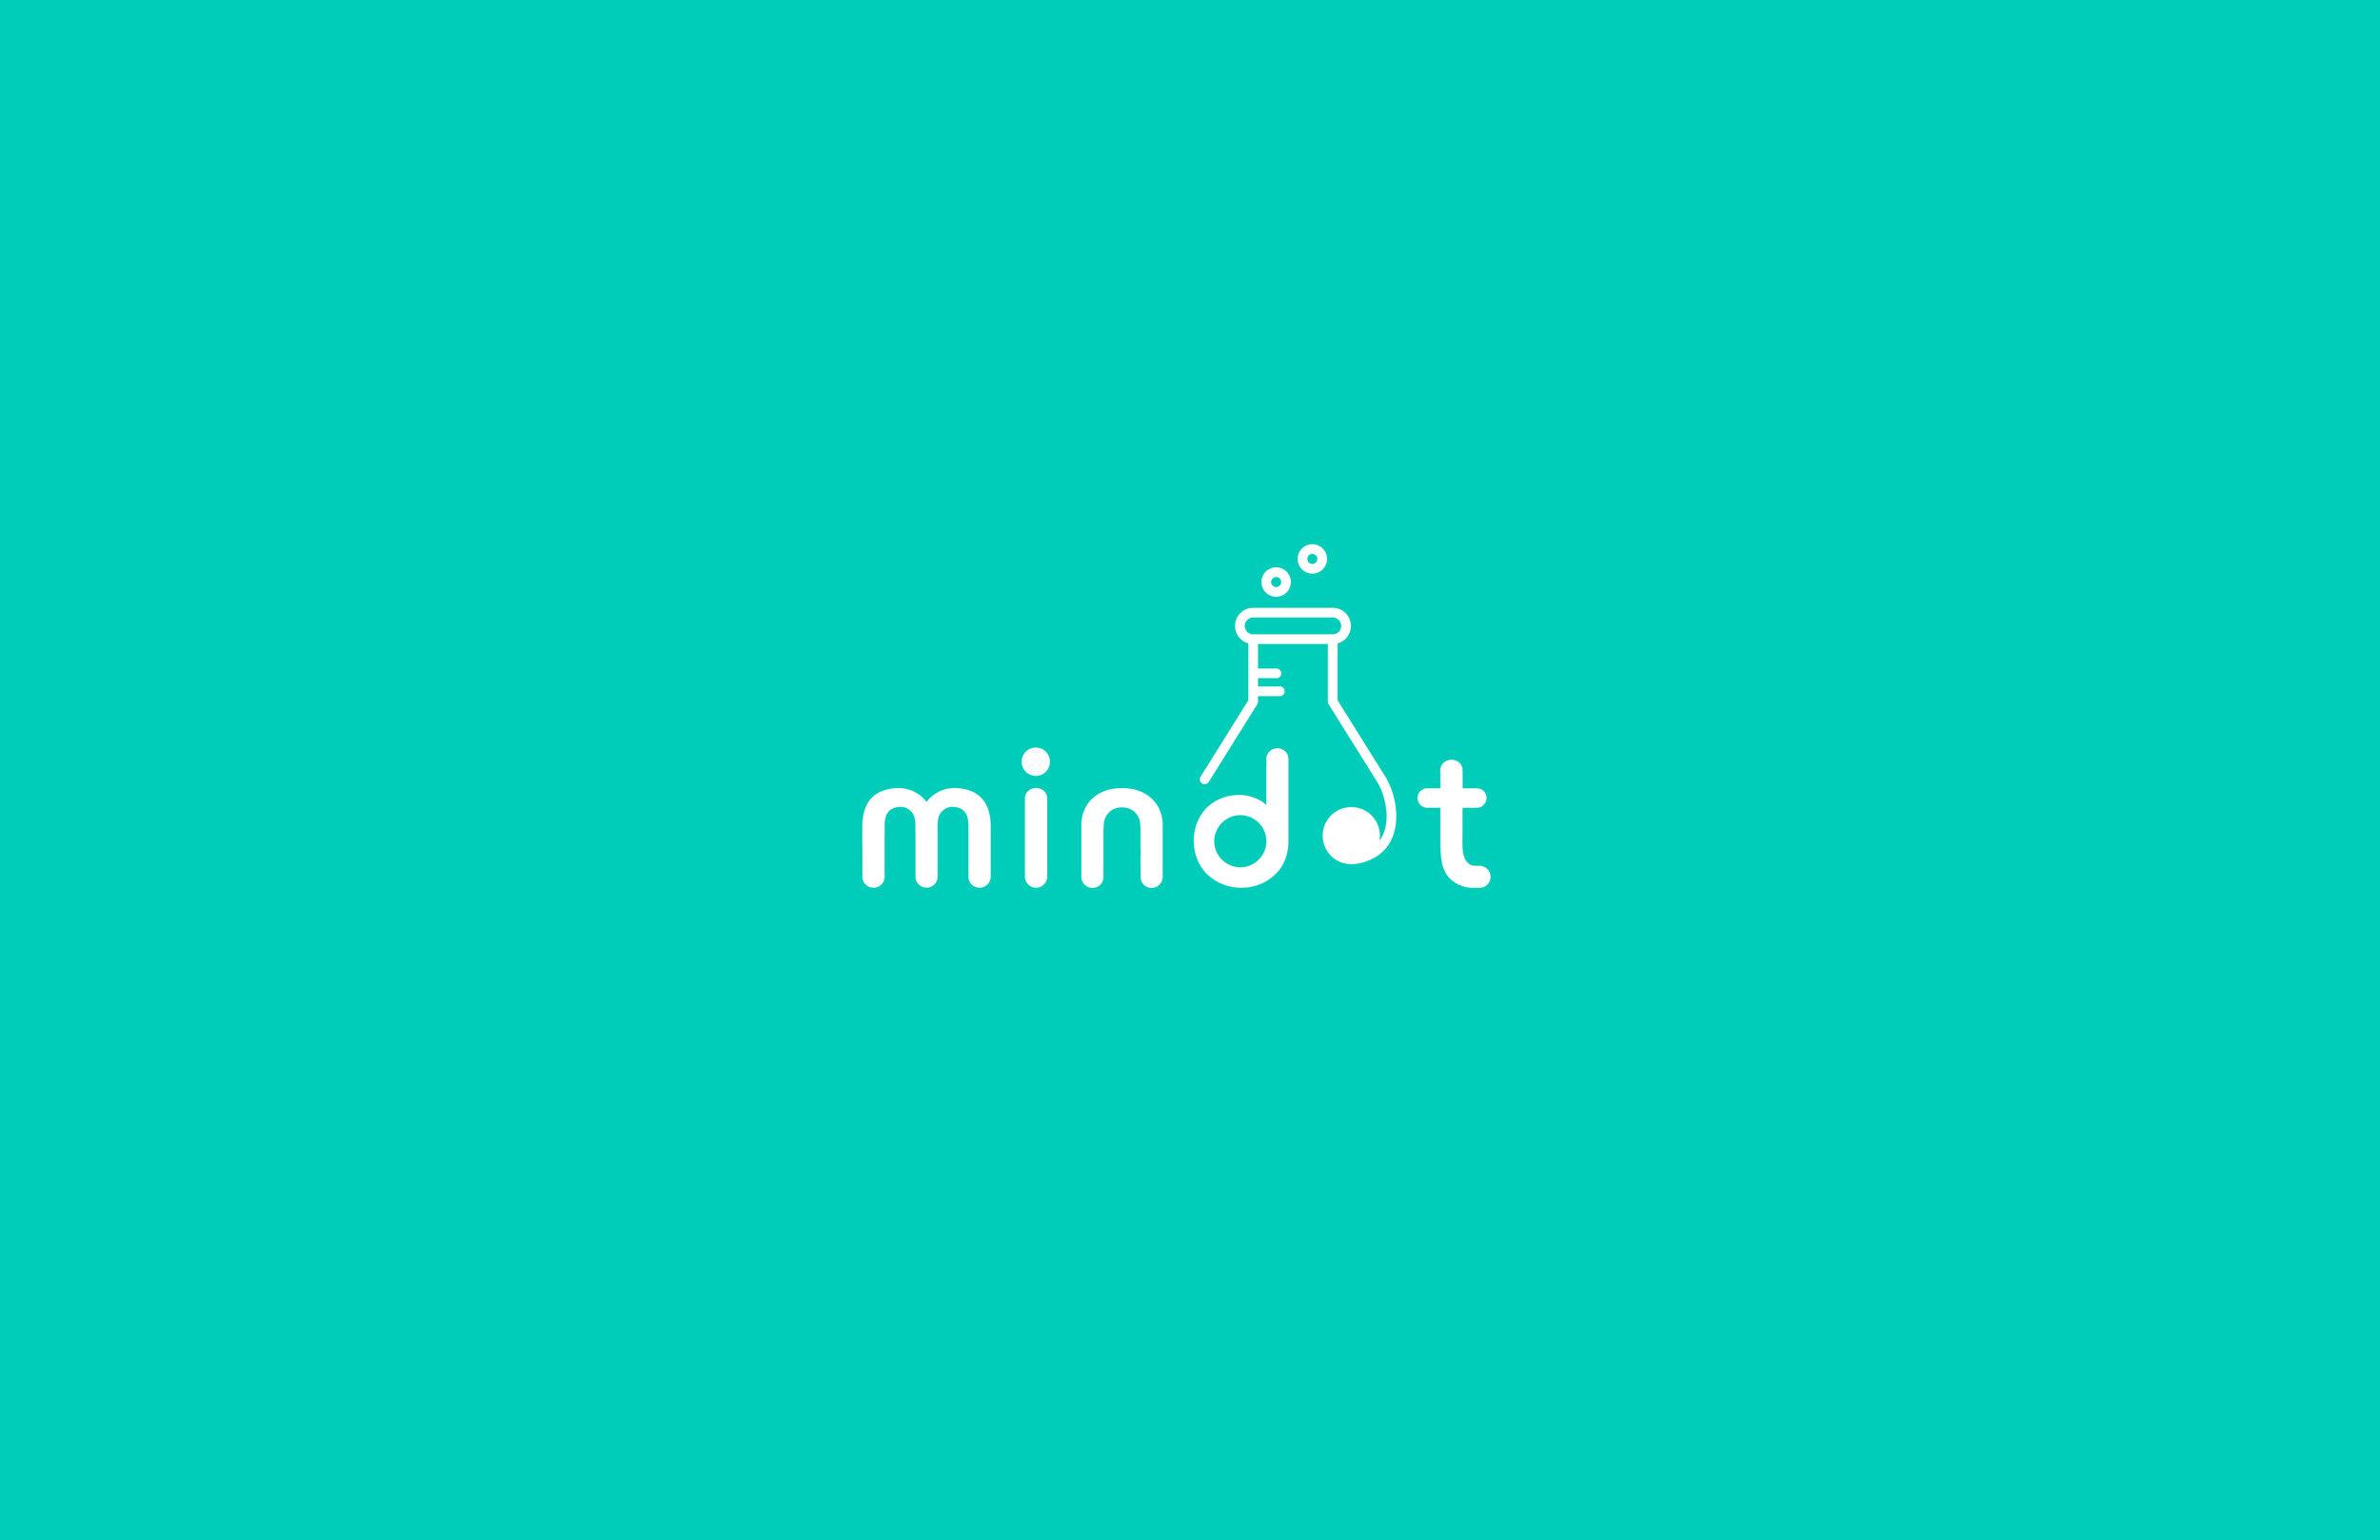 mindot_branding_12312016-05.jpg